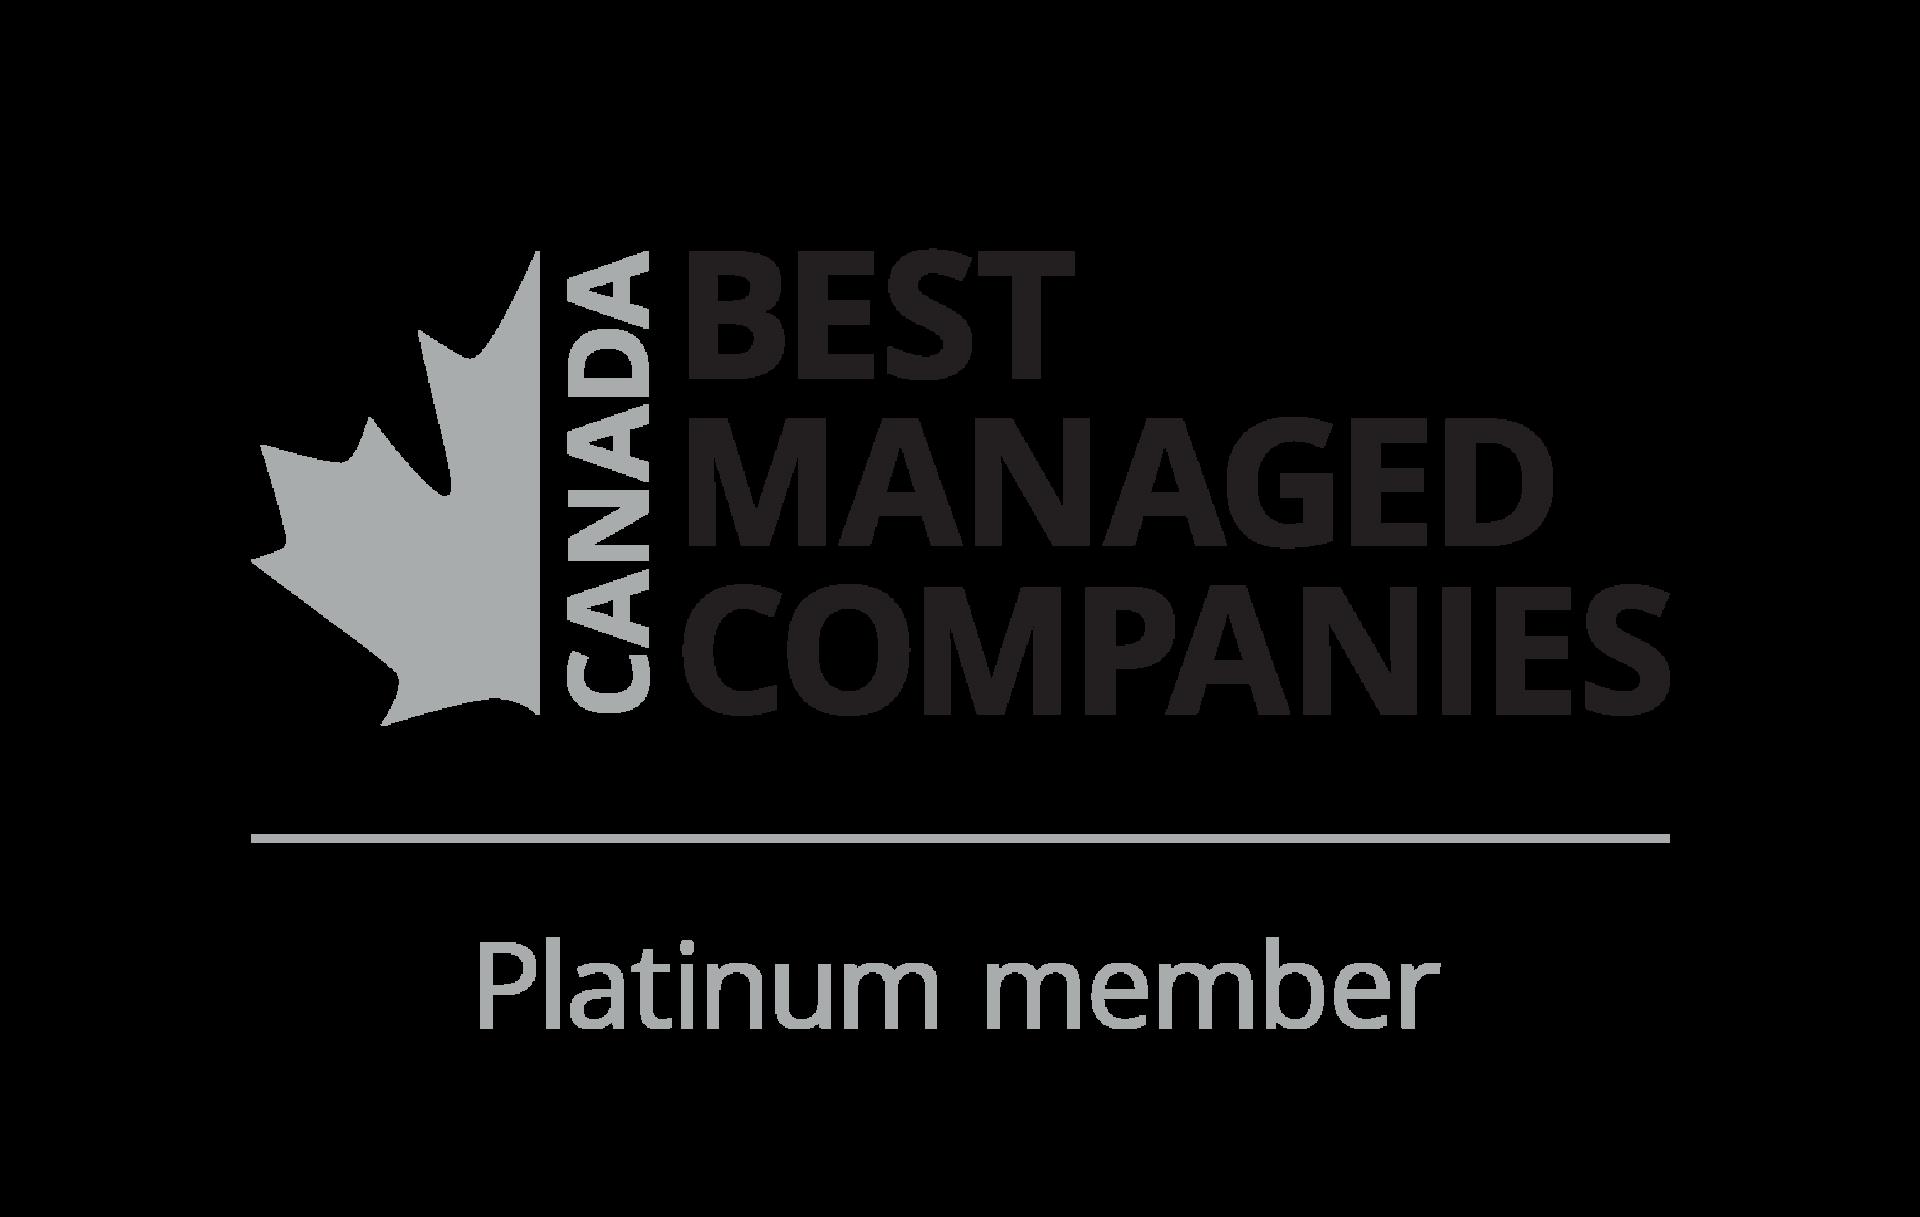 Careers - bm_logo_2018-_platinum-pri_v-en-cmyk